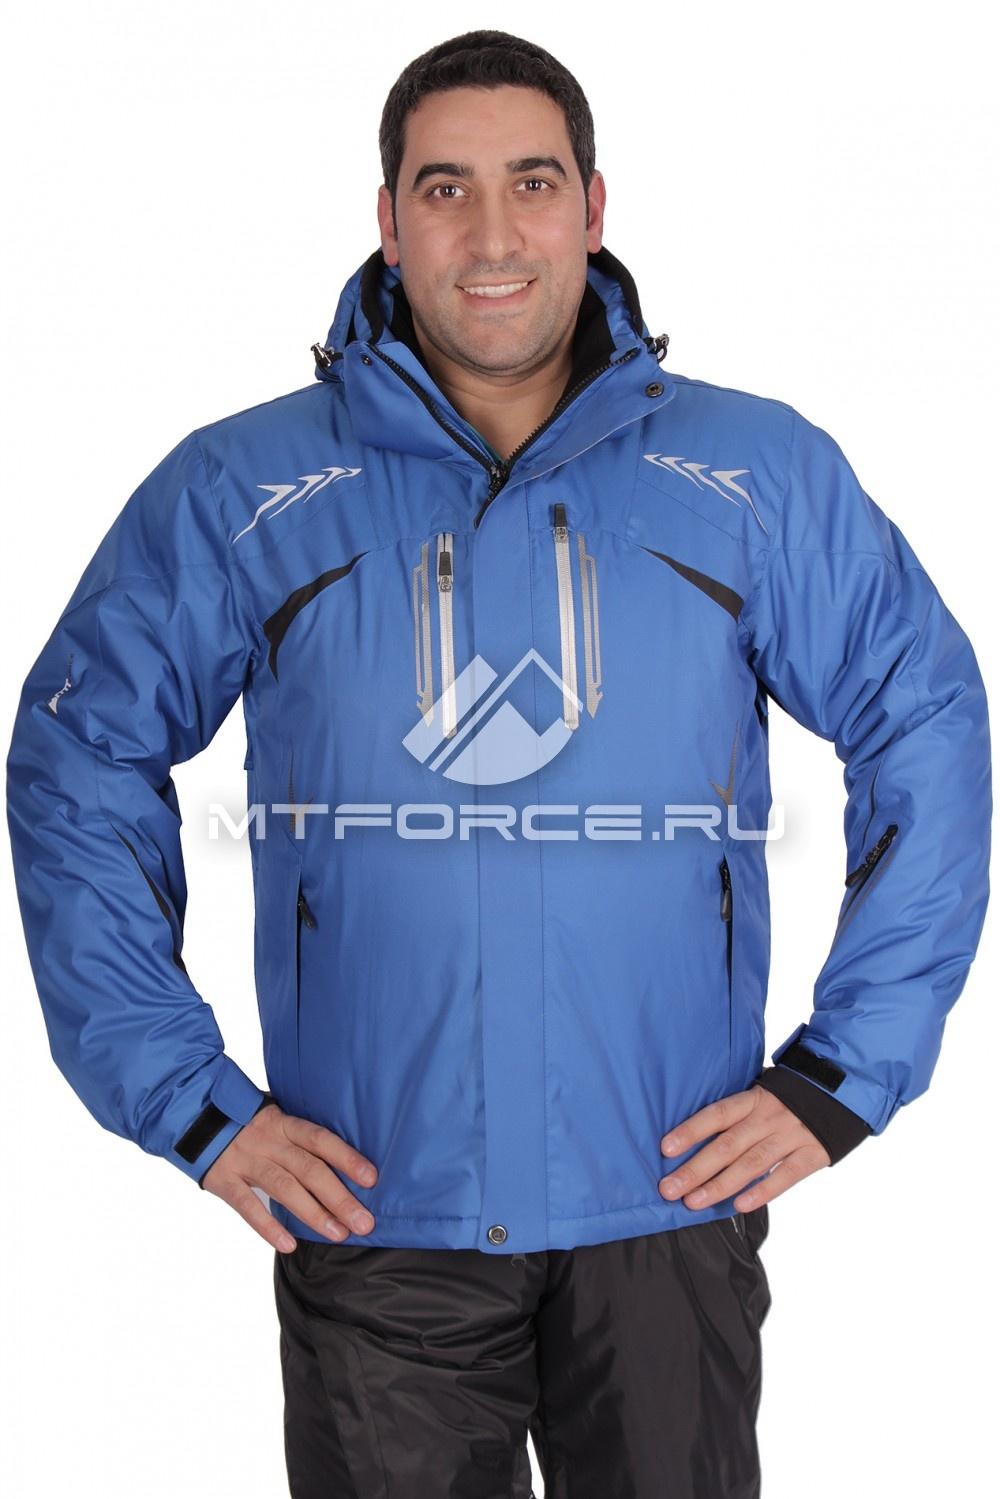 Купить                                  оптом Куртка горнолыжная мужская синего цвета 1515S